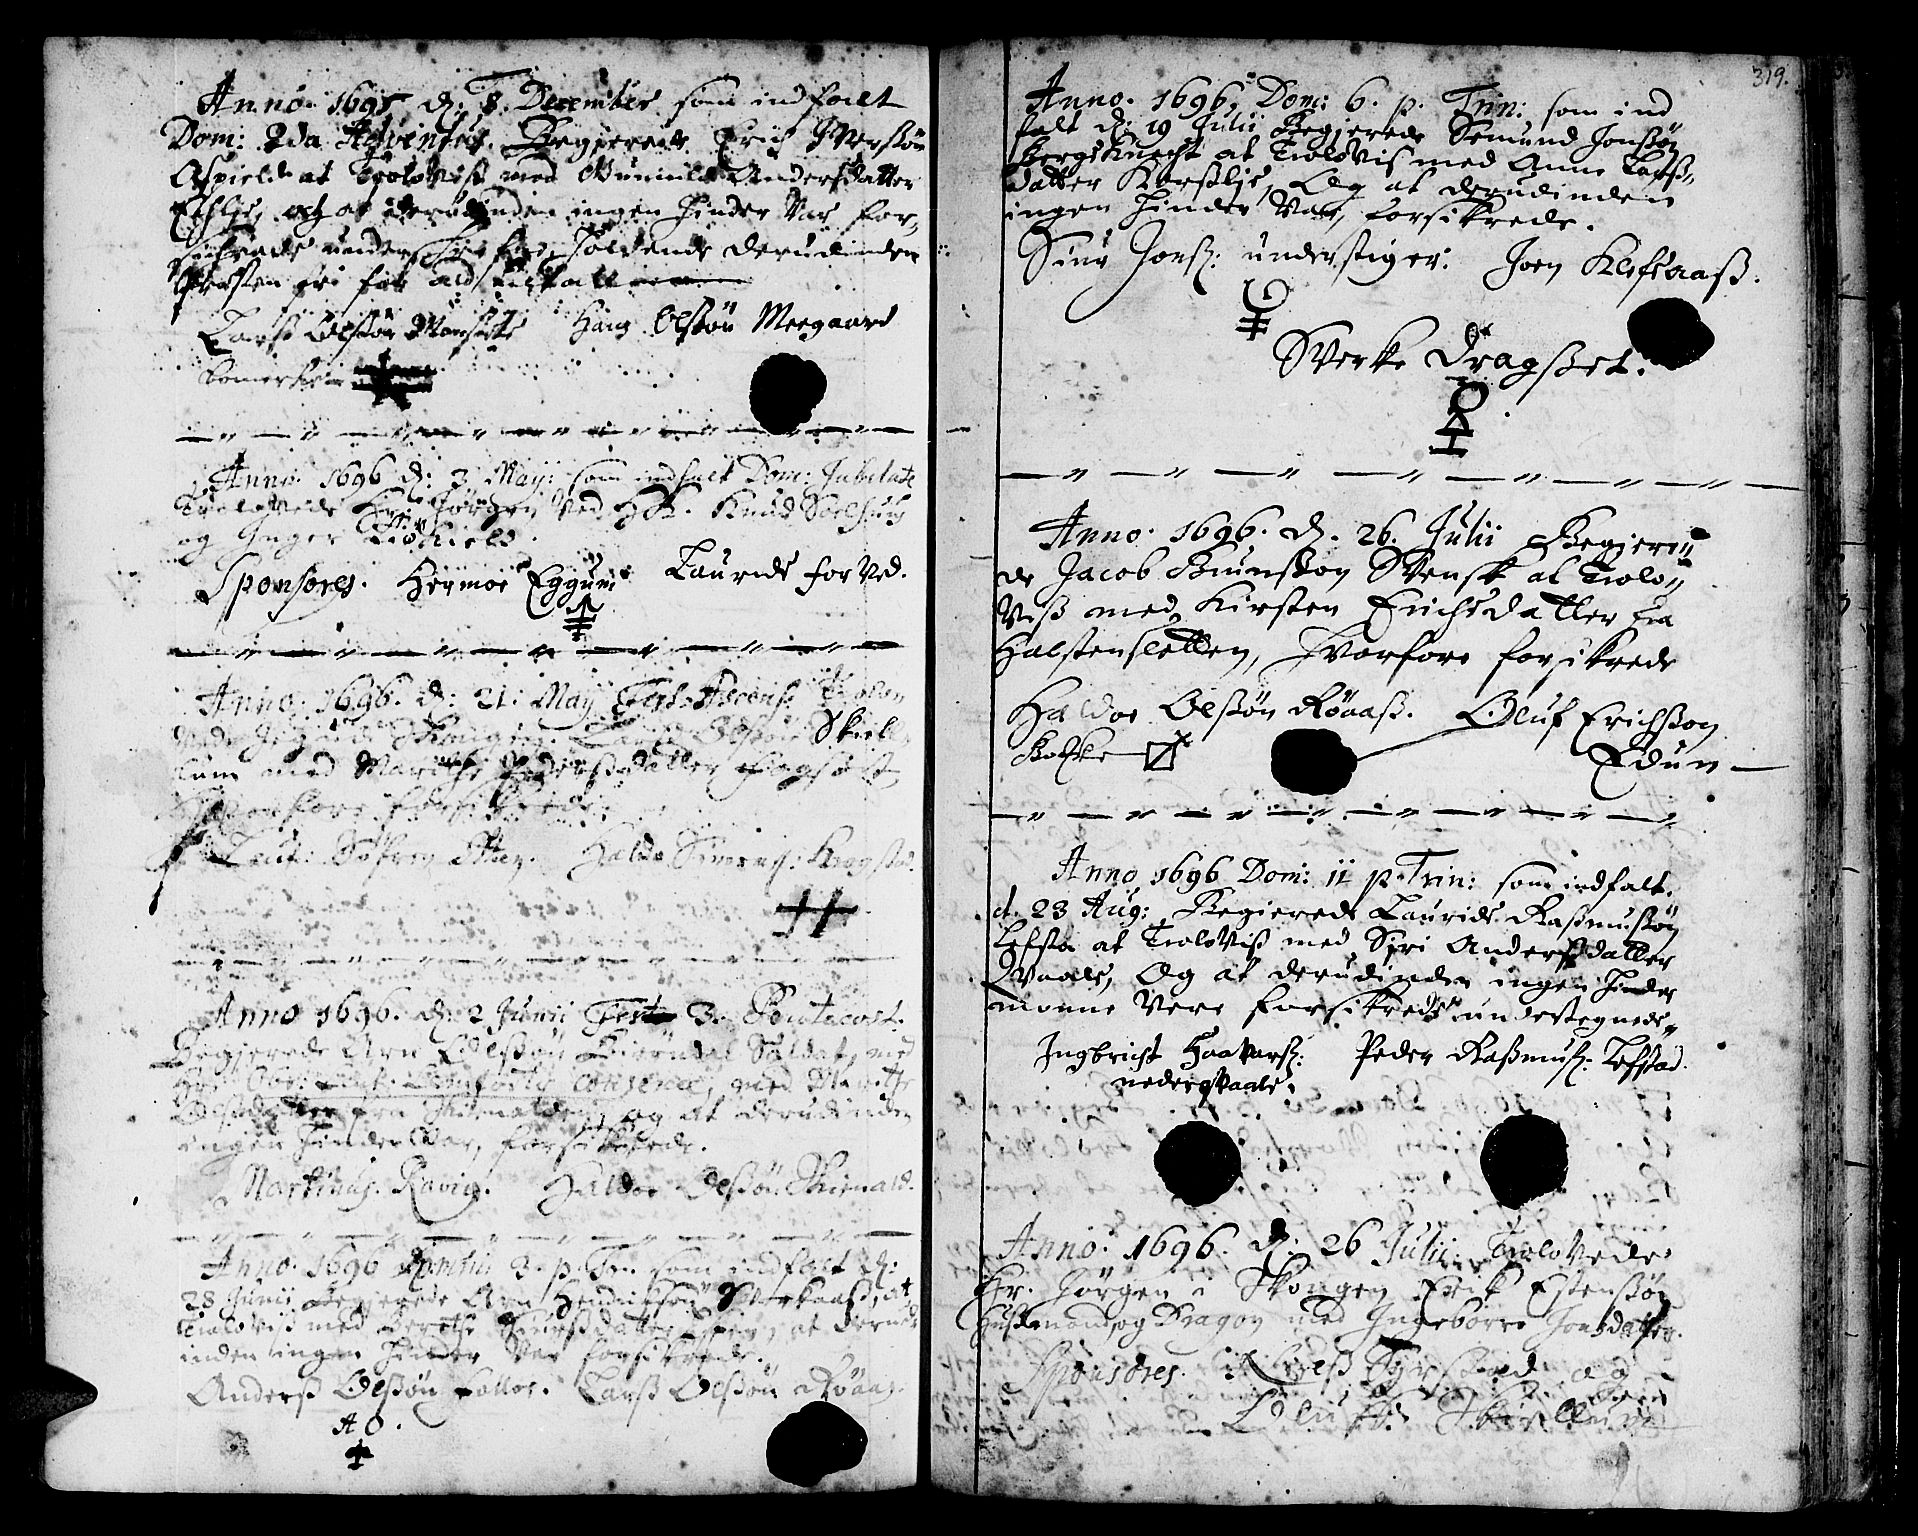 SAT, Ministerialprotokoller, klokkerbøker og fødselsregistre - Sør-Trøndelag, 668/L0801: Ministerialbok nr. 668A01, 1695-1716, s. 318-319